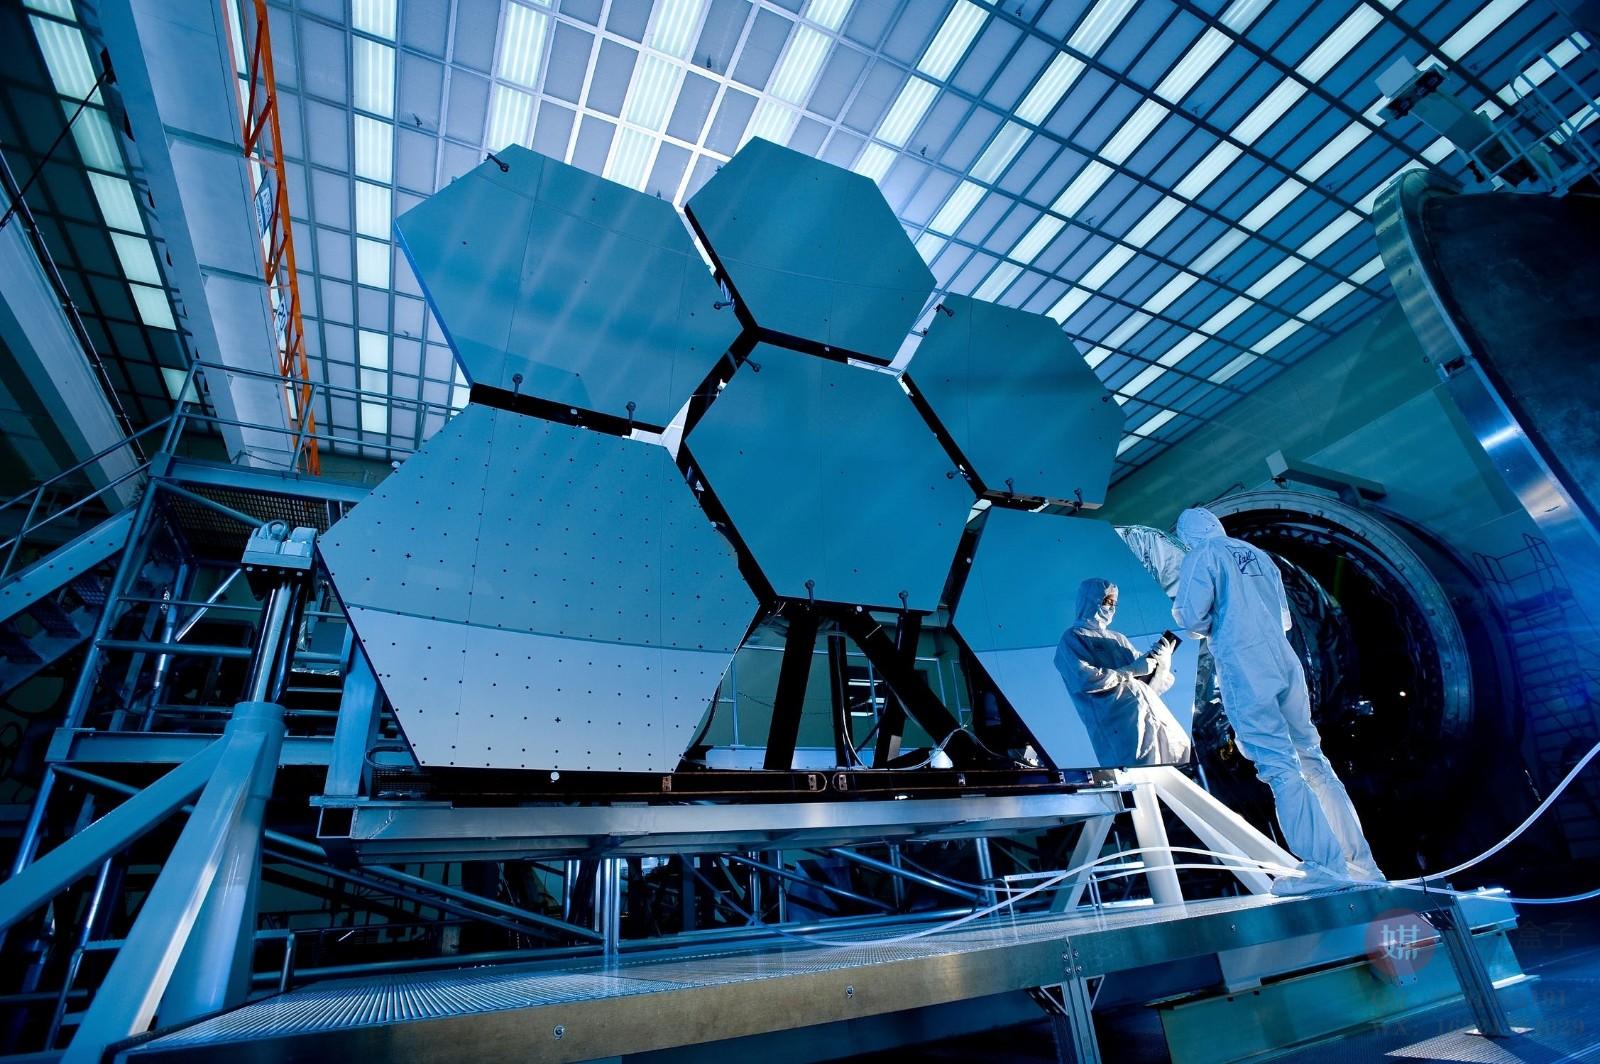 工业品行业如何做好网络推广?怎么做才有效果